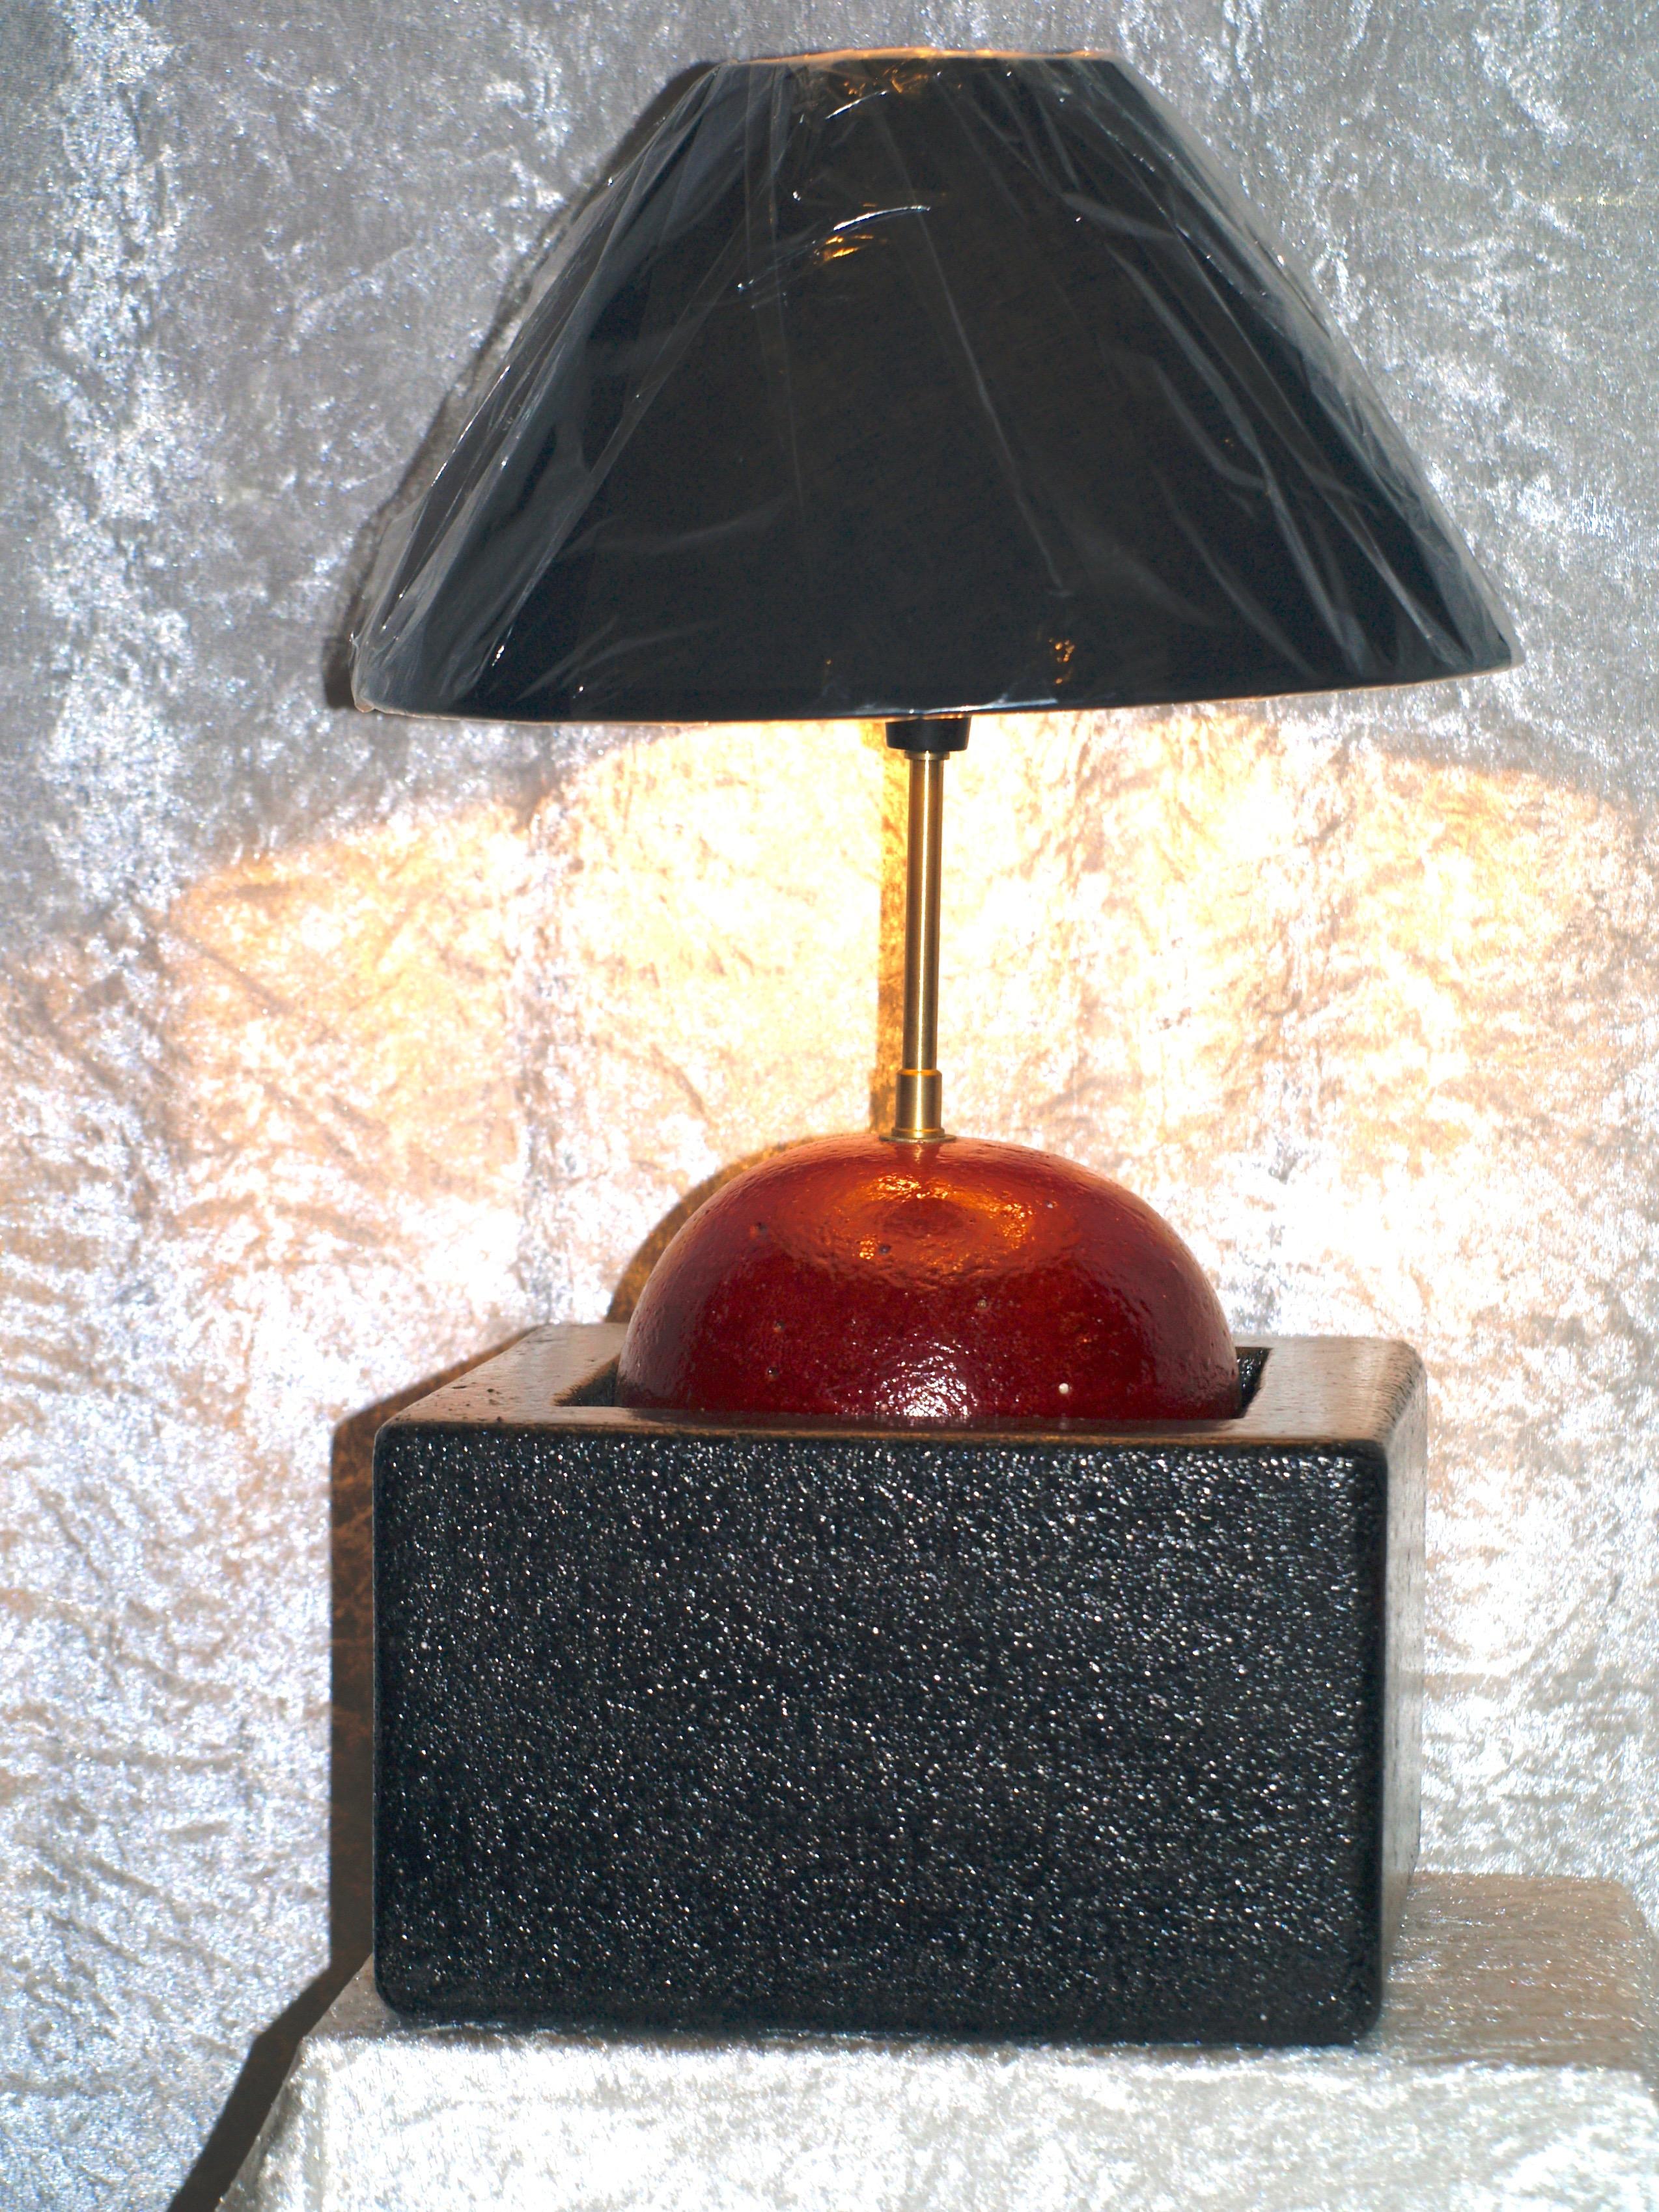 Lampe unique, création artisanale à Saint-Maden